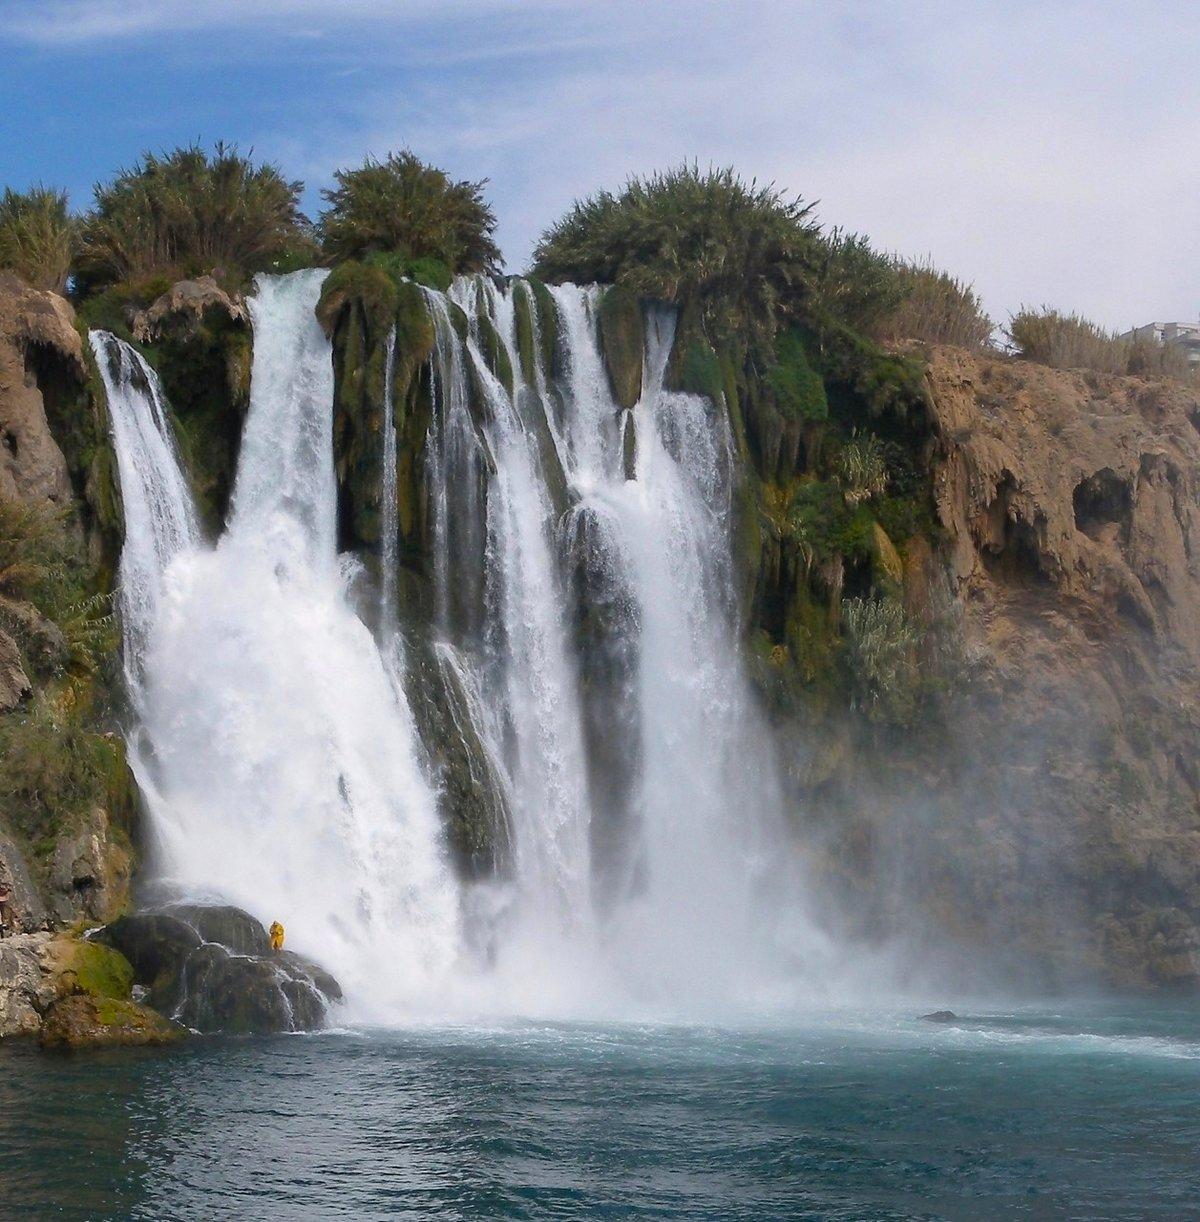 нужном приложении, водопад дюден фото окончательно убедиться